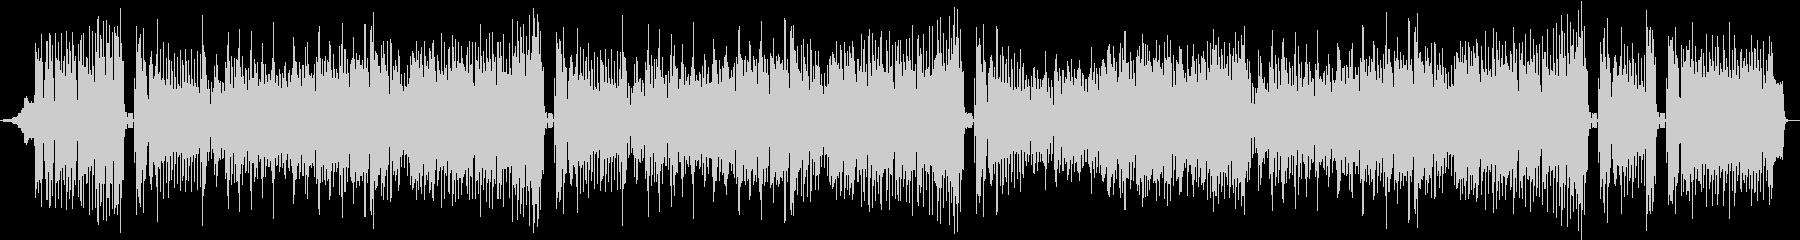 ピアノメロディーの明るいシャッフルマーチの未再生の波形